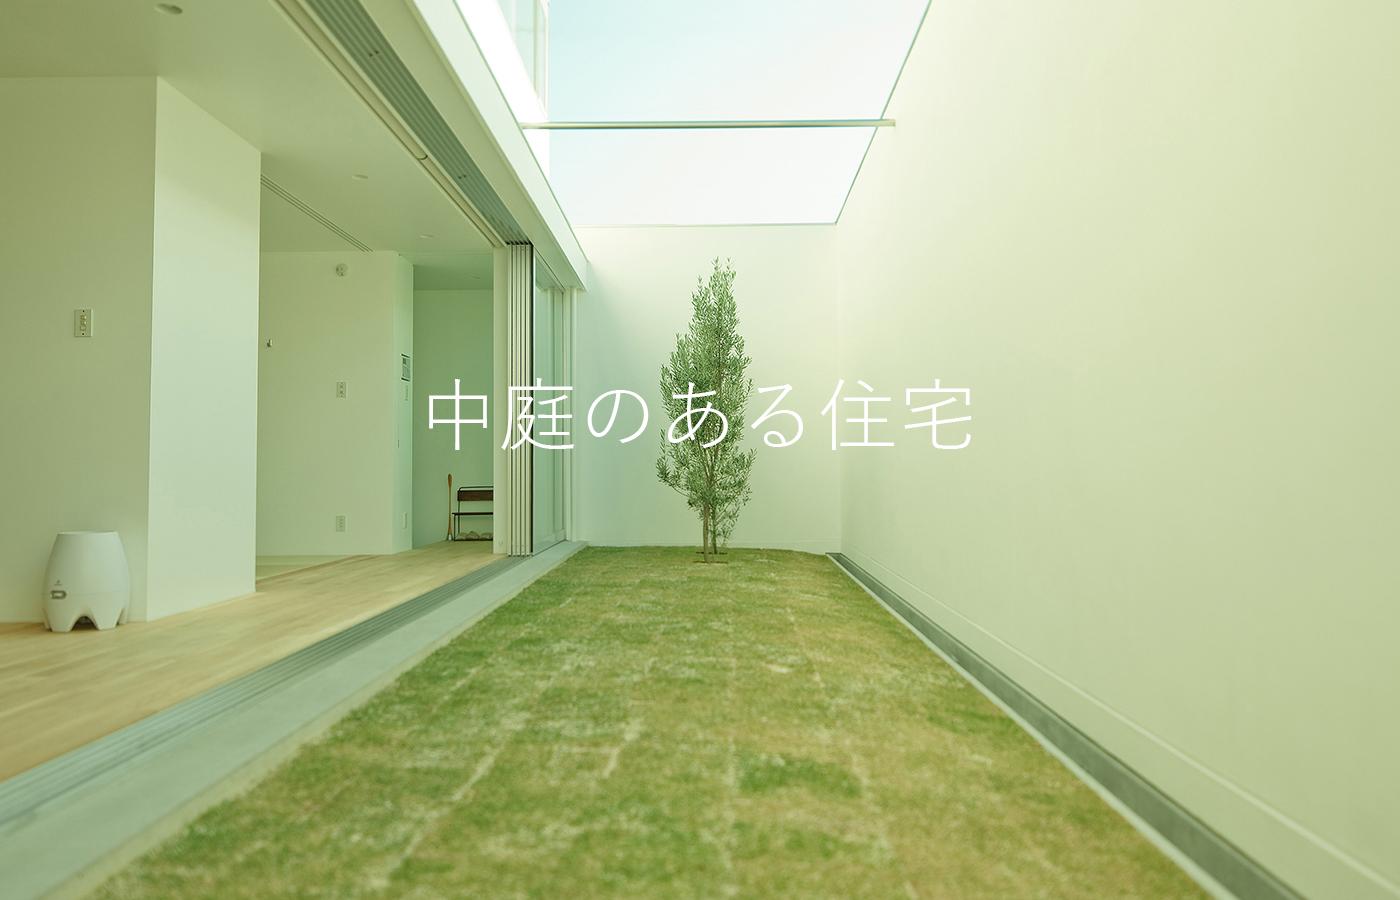 中庭のある住宅[設計事務所が考える、建築家がデザインする、住宅/建築]